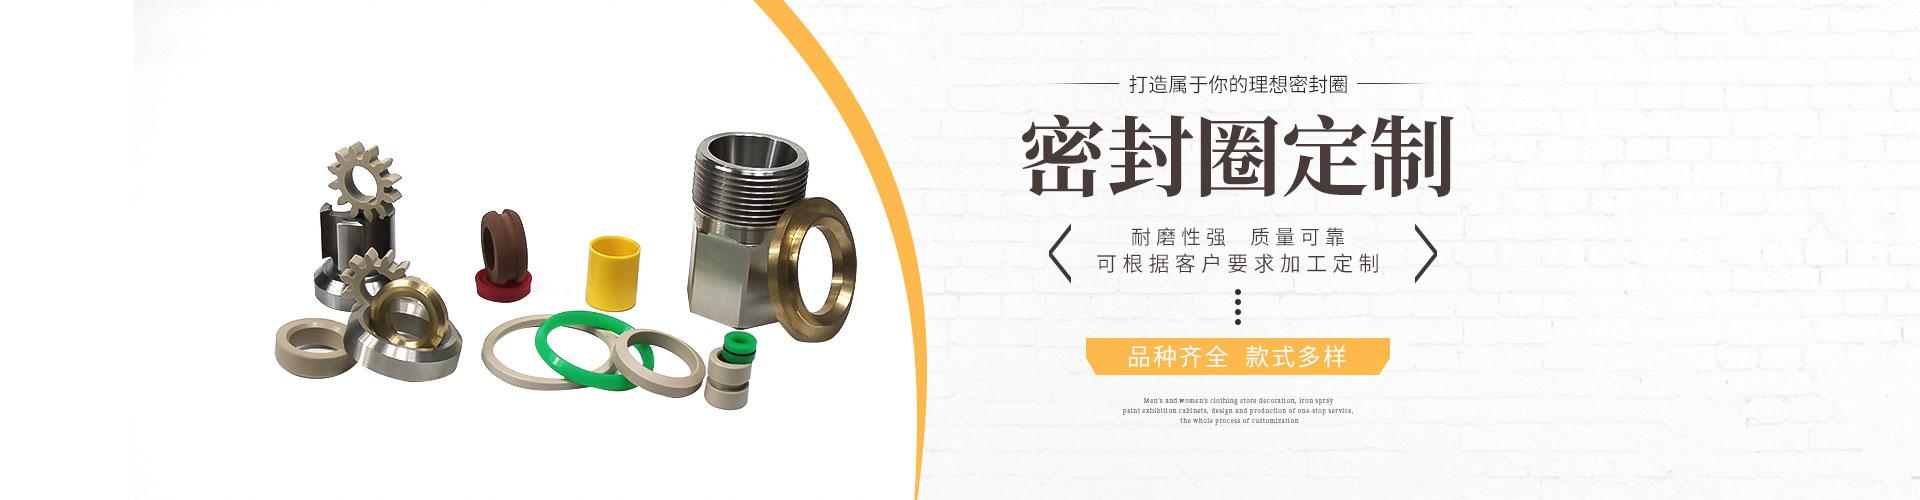 苒邦密封技术上海有限公司可定制生产各类橡胶密封垫片